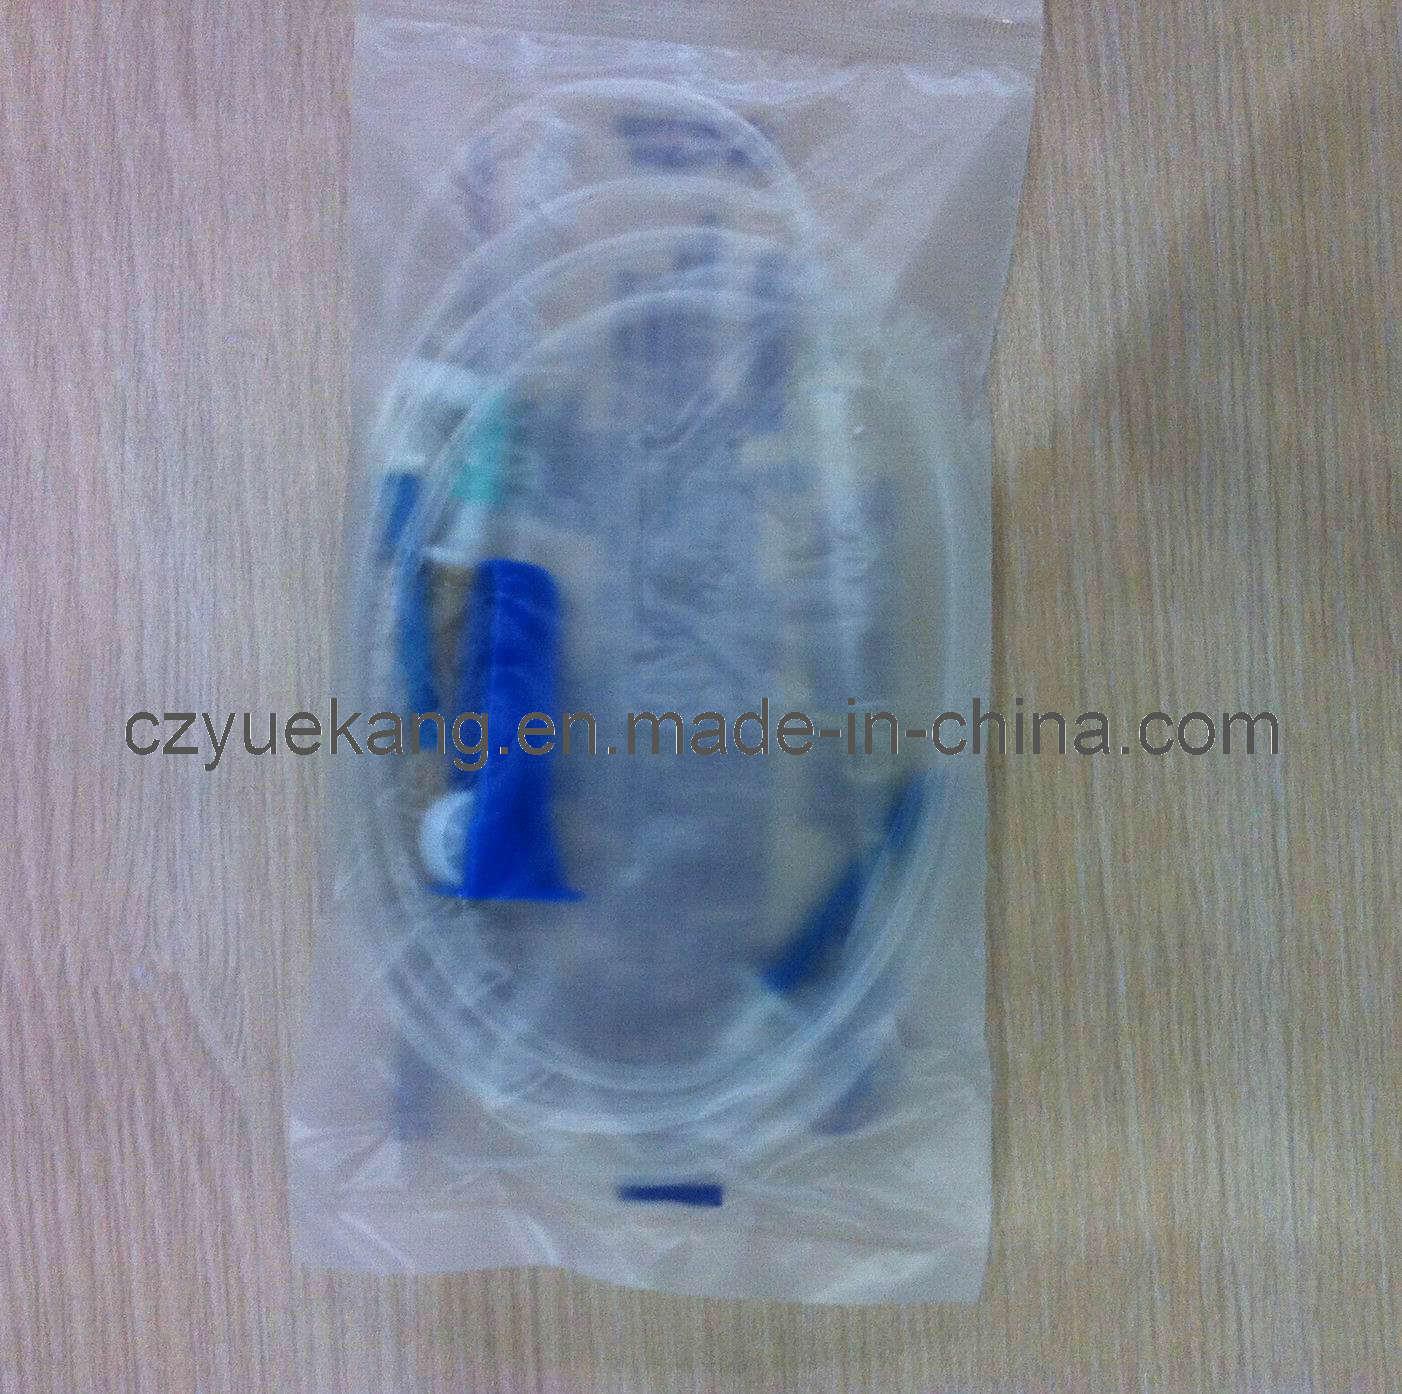 Disposable IV Set